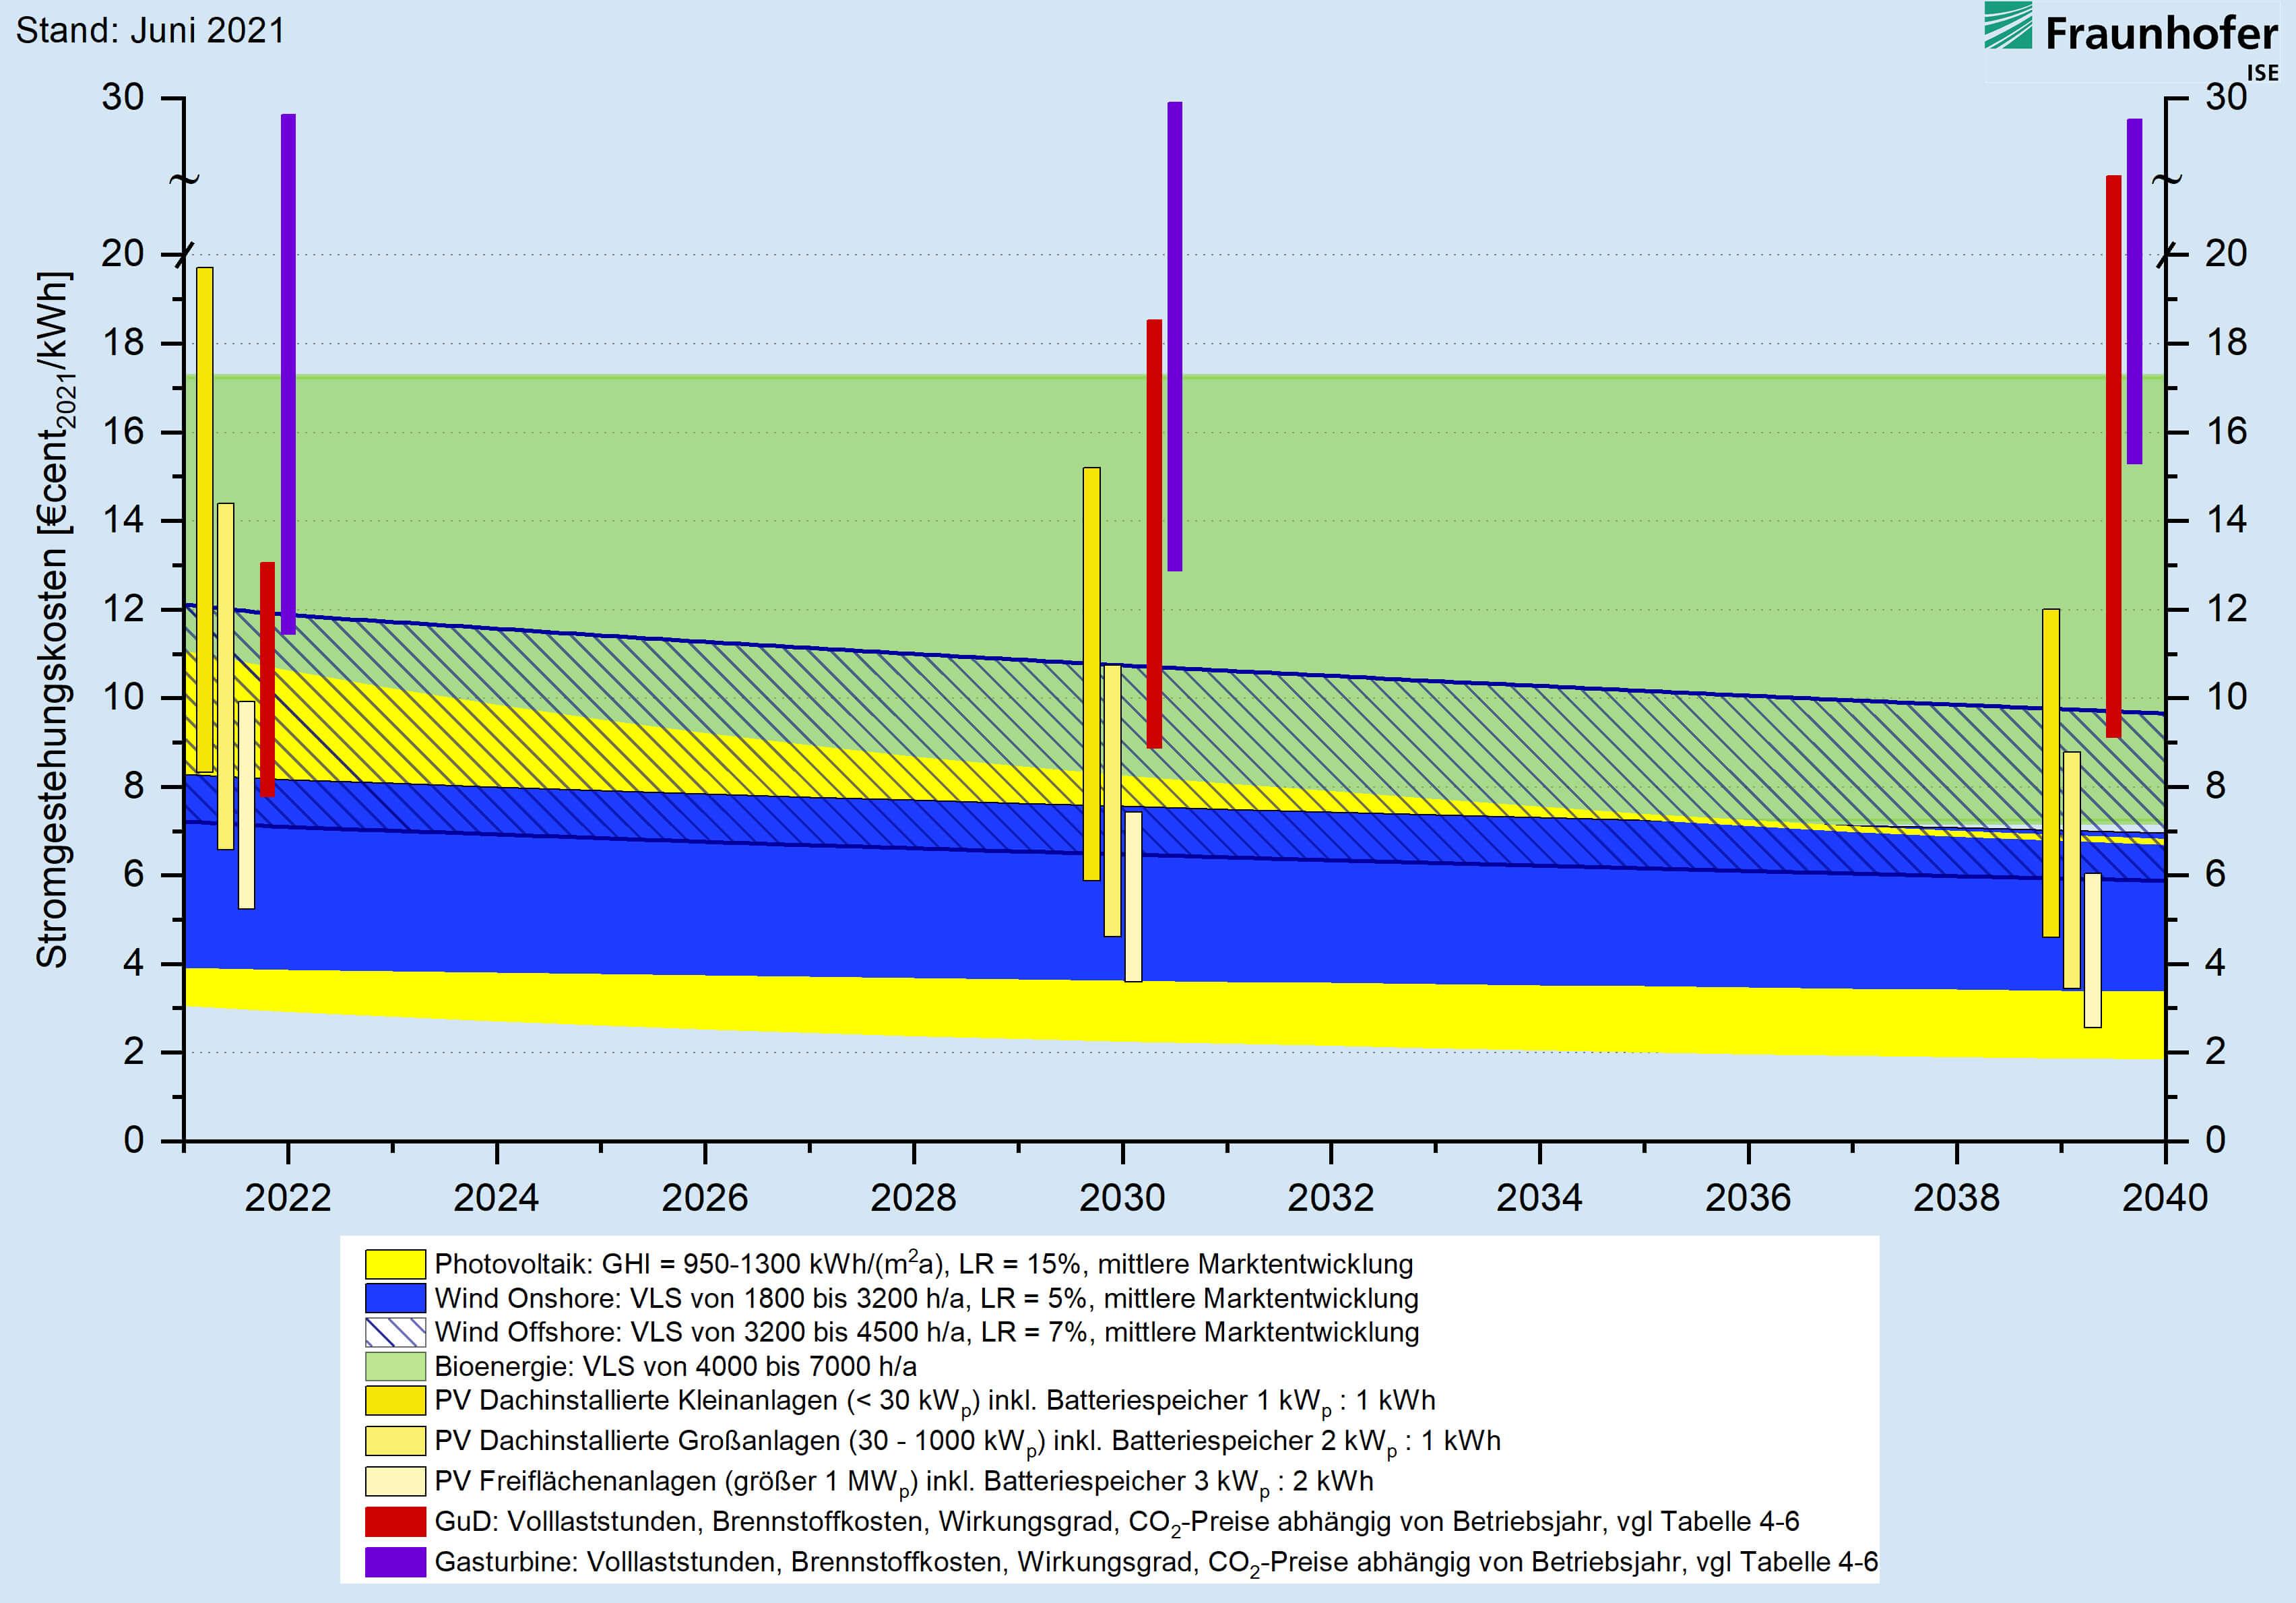 Lernkurvenbasierte Prognose von Stromgestehungskosten erneuerbarer Energien